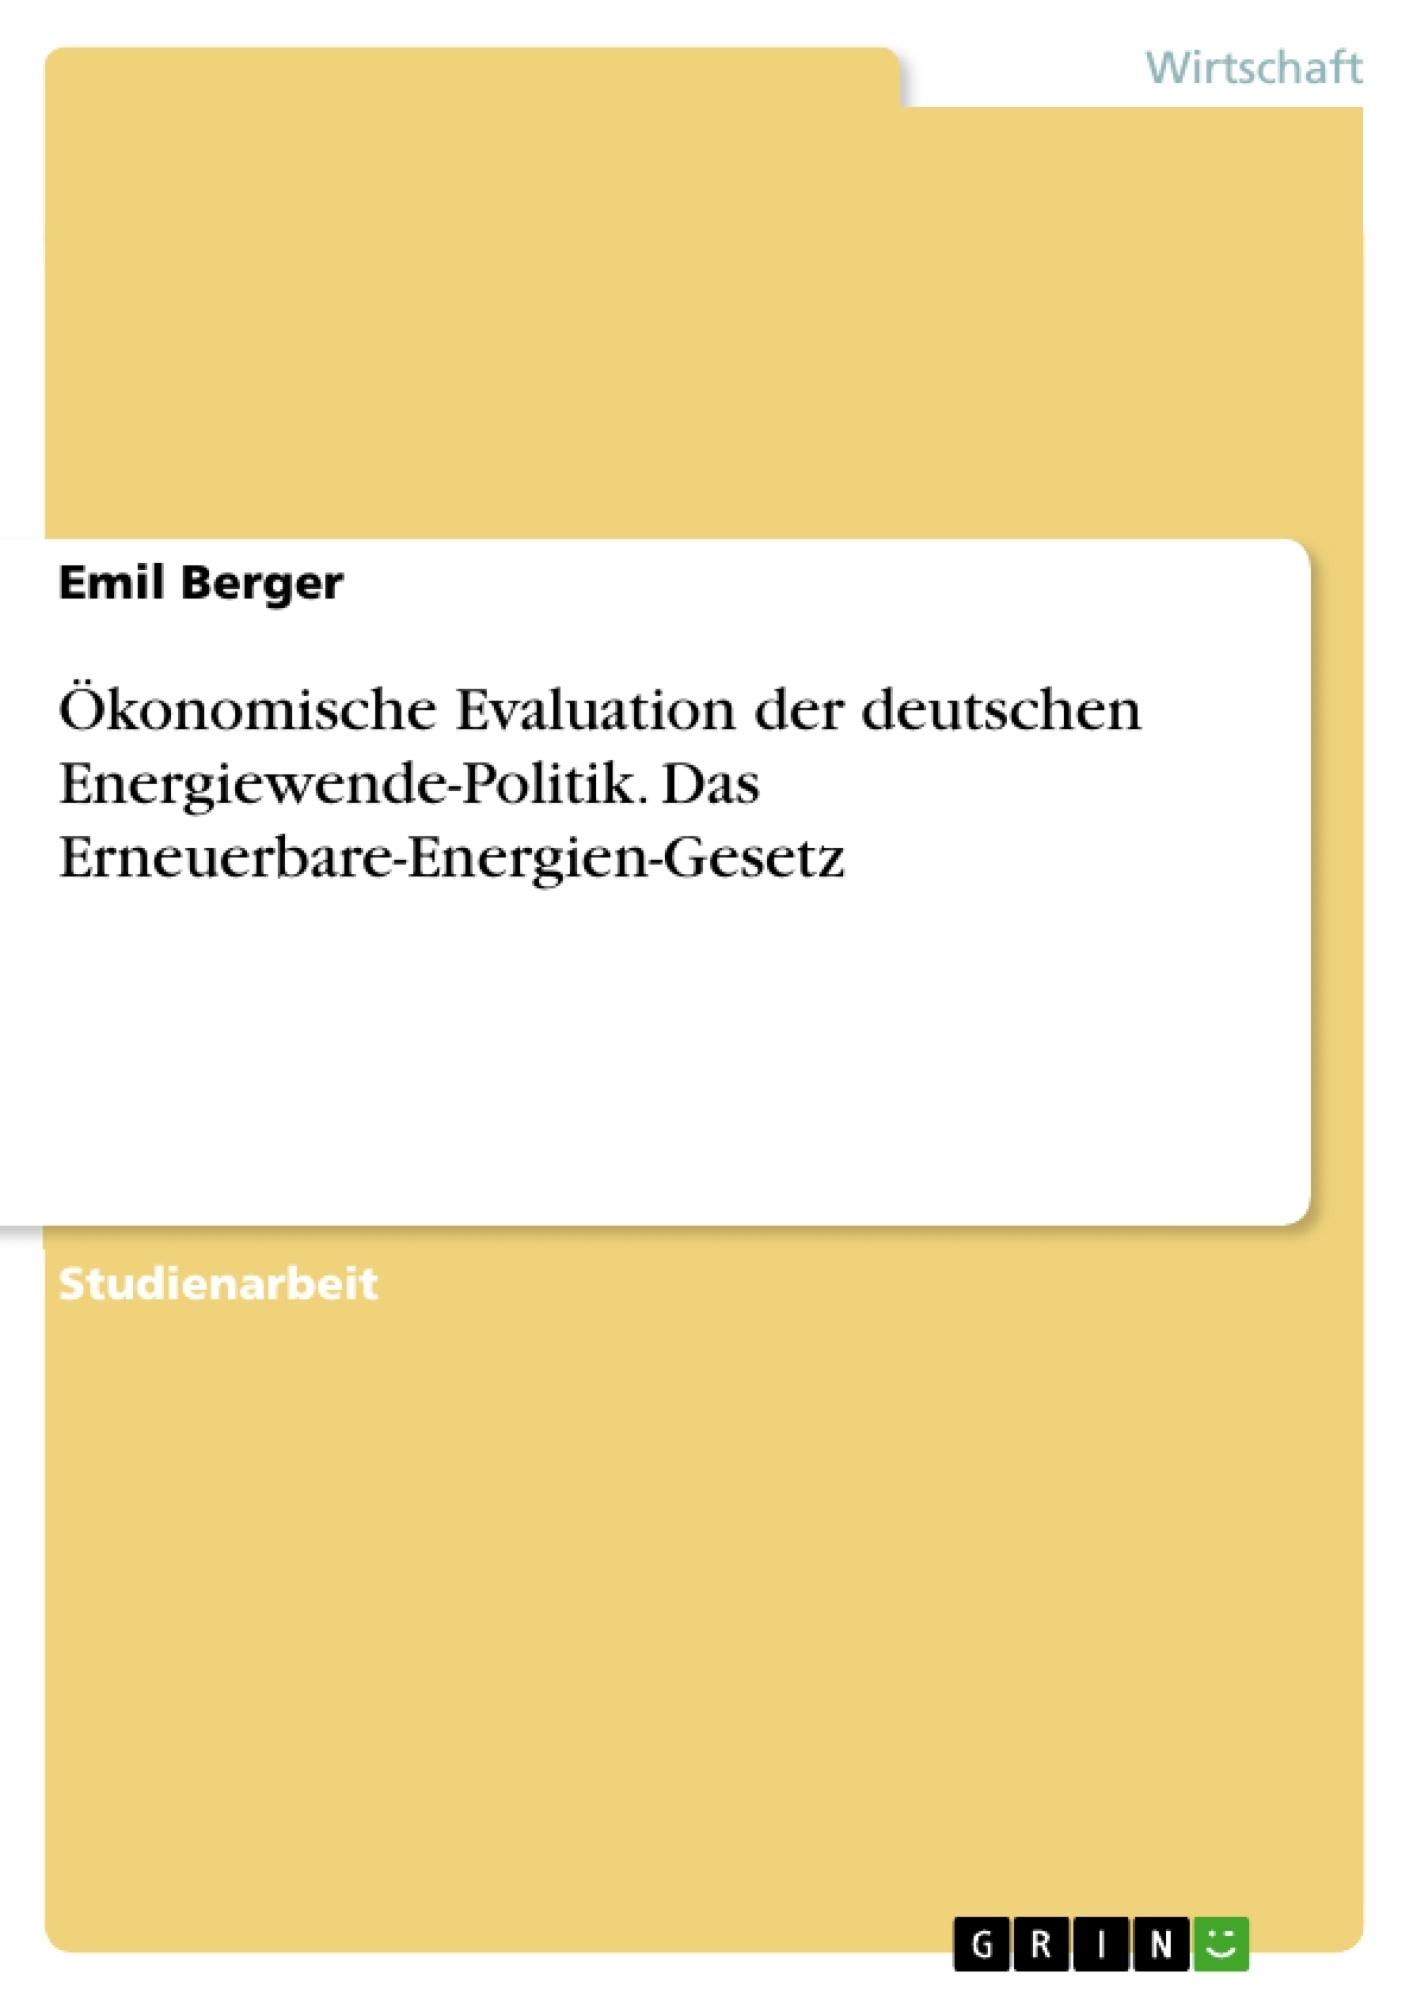 Titel: Ökonomische Evaluation der deutschen Energiewende-Politik. Das Erneuerbare-Energien-Gesetz